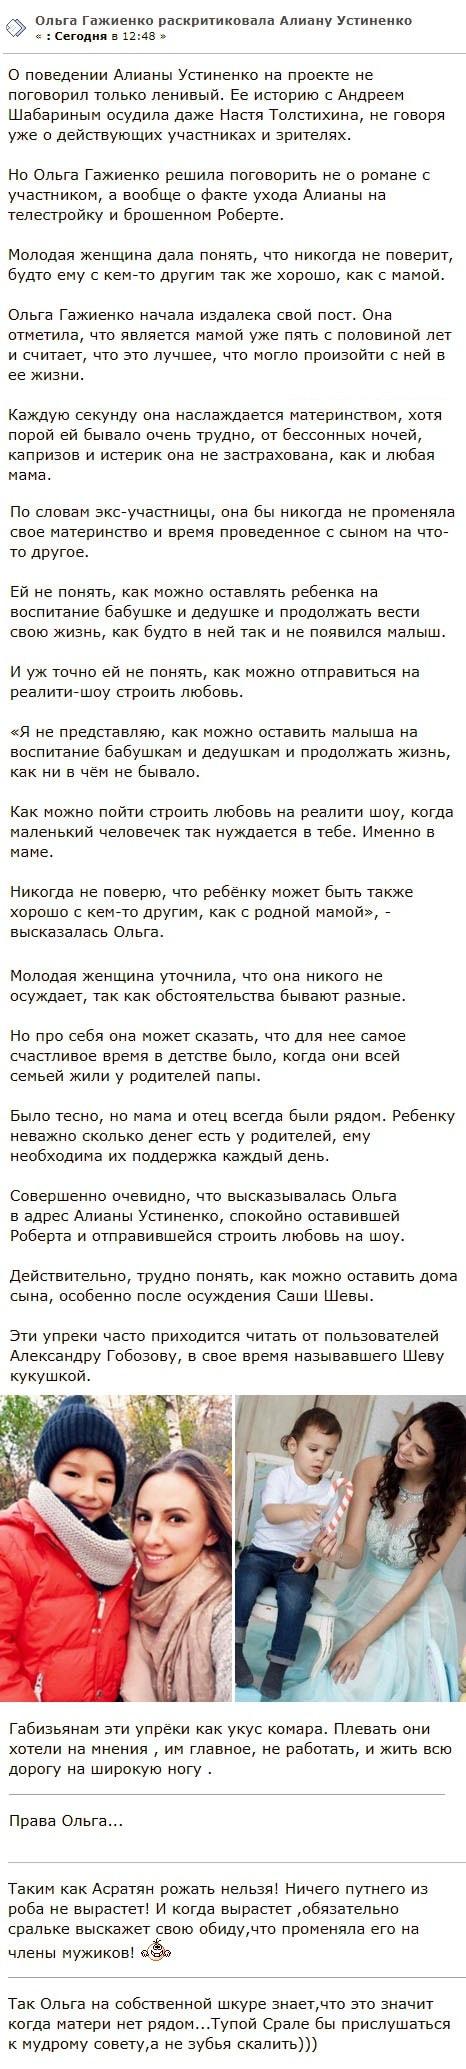 Ольга Гажиенко не удержалась от наезда на Алиану Устиненко